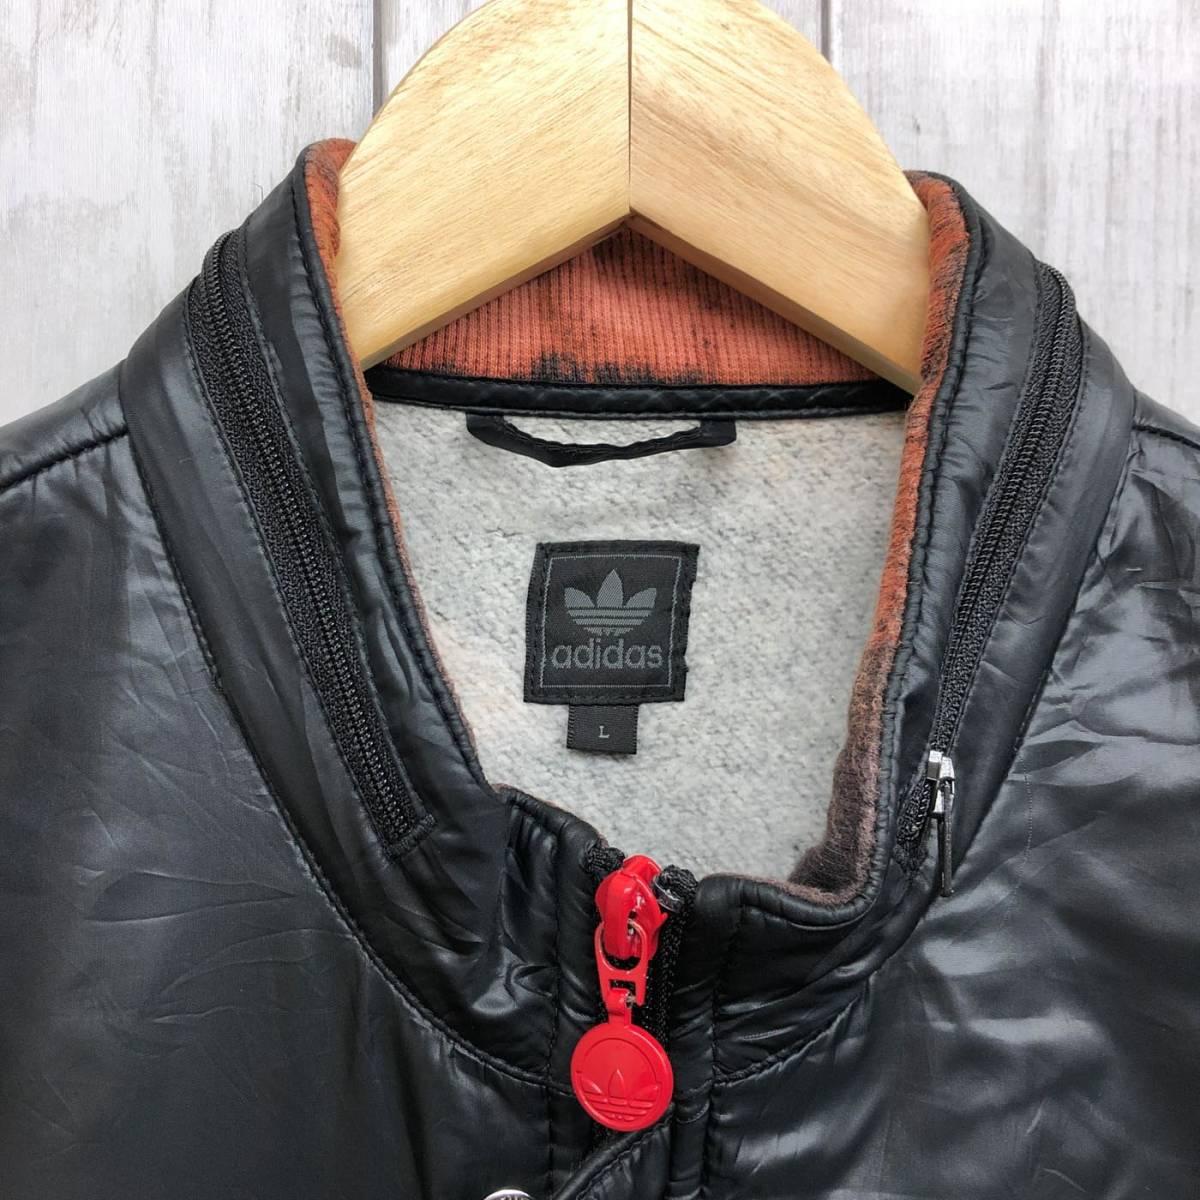 アディダス adidas ジャケット ジャージ スウェット ウィンドブレーカー ダウン 中綿 ブラック MA-1 ブルゾン メンズ Lサイズ 6-29_画像5